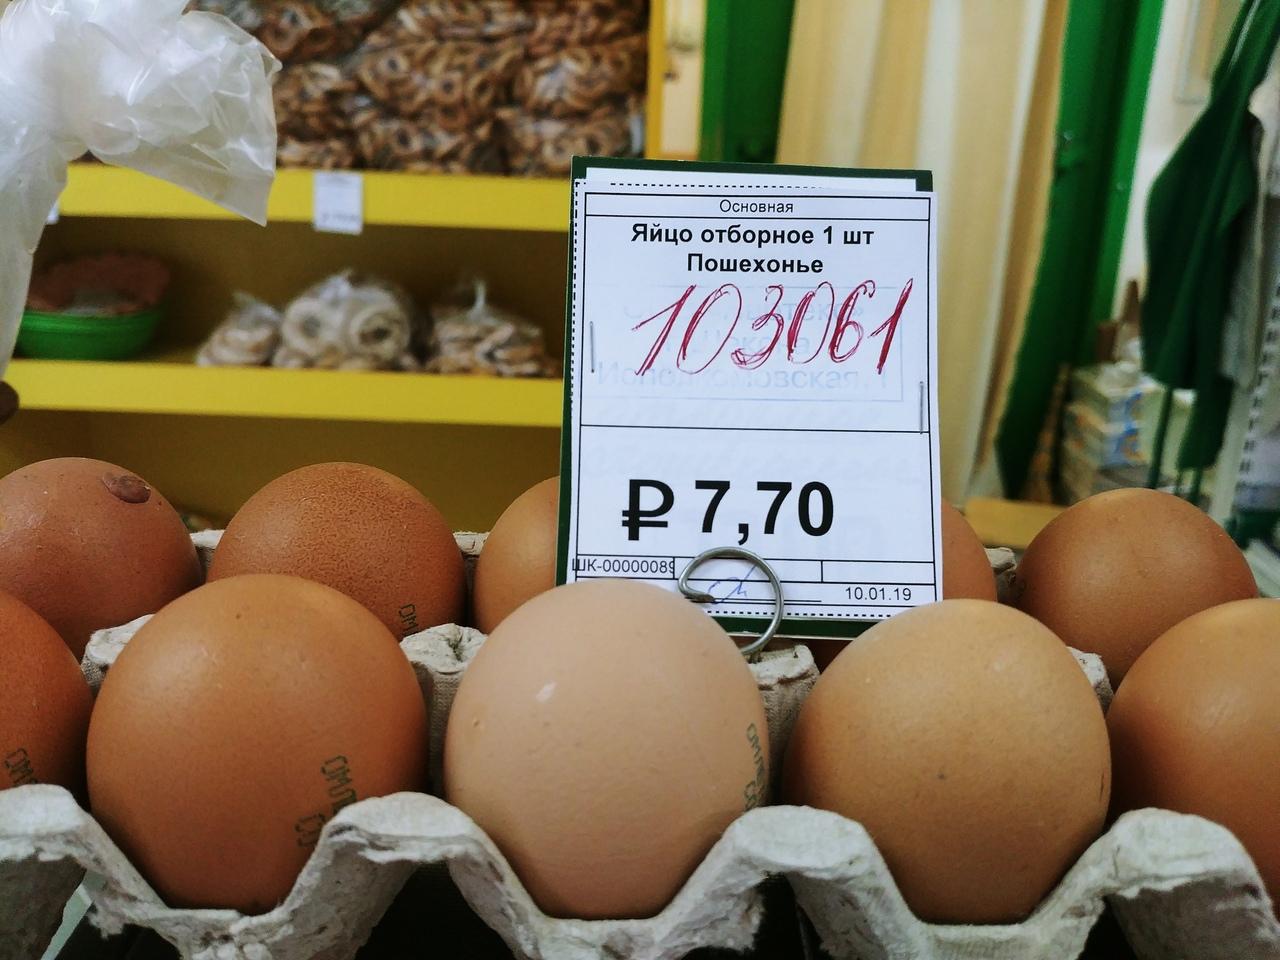 Яйца в вологодских магазинах стали продавать поштучно